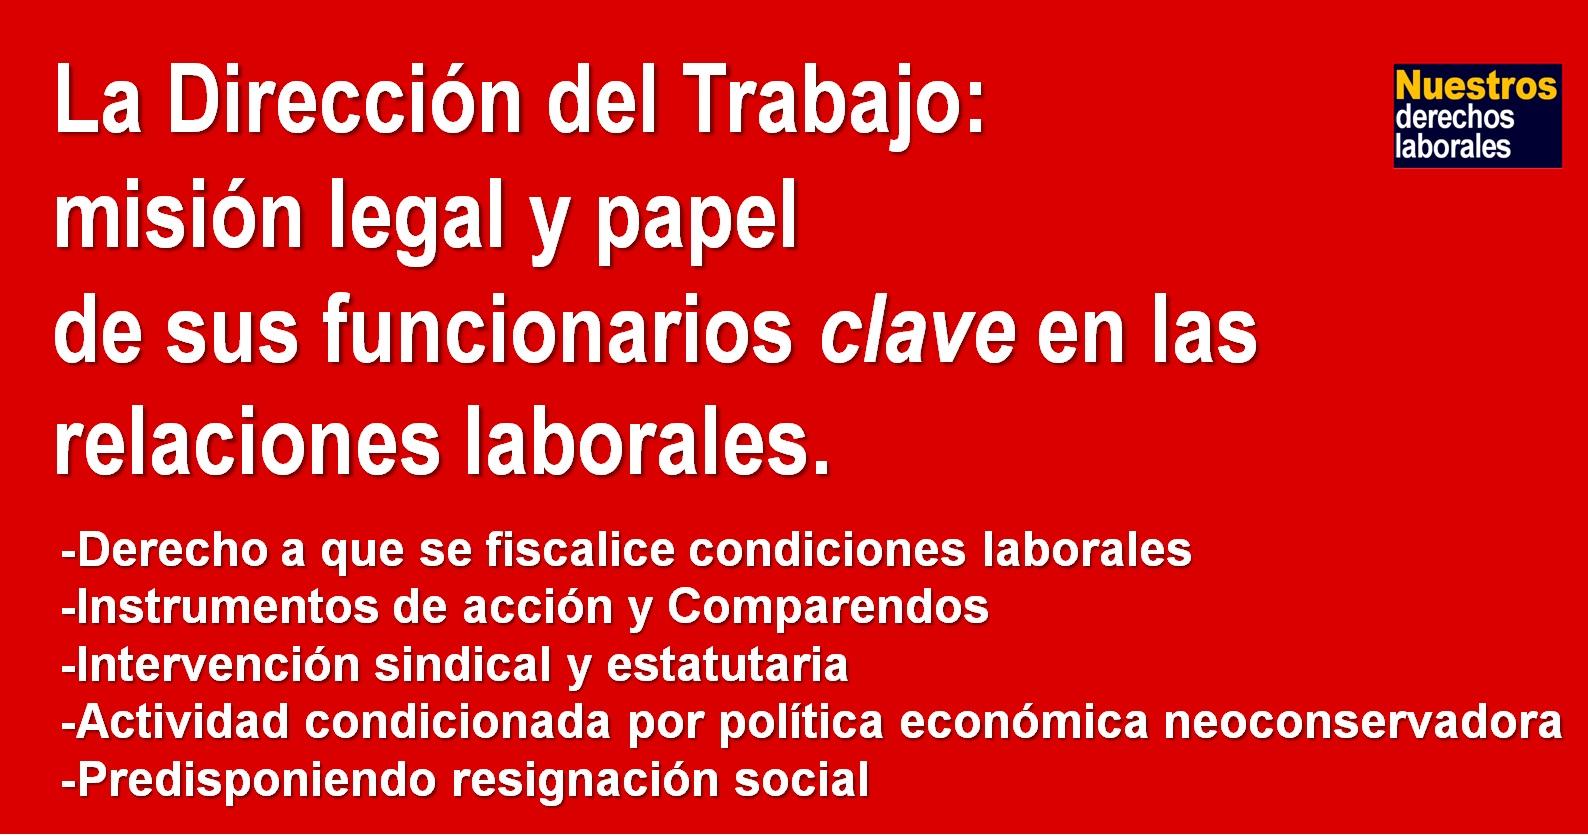 Papel y obligaciones de la Dirección del Trabajo.